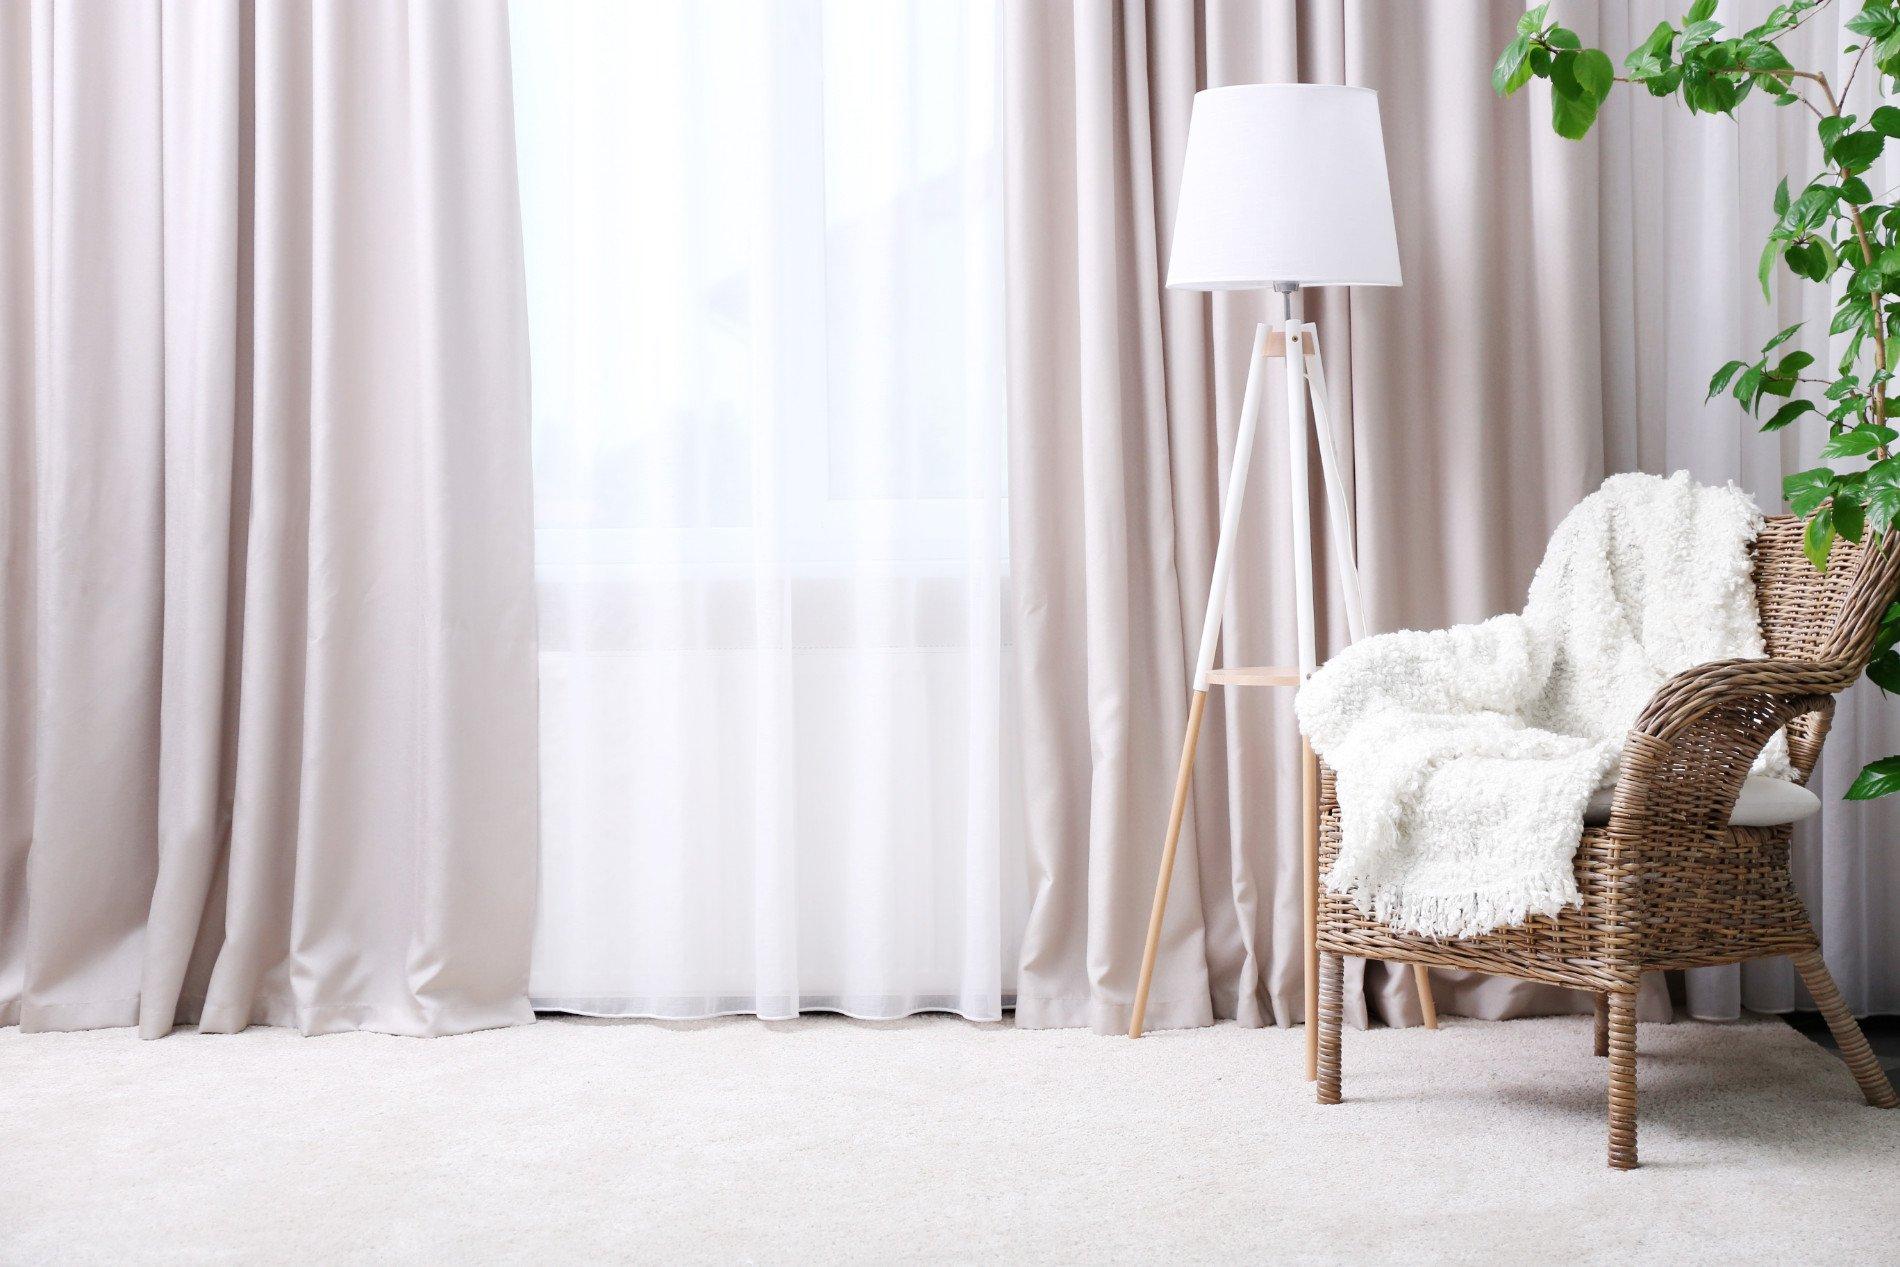 Tipi Di Tende Per Casa tende da interno: bastoni o binari? | ambienti - arredamento